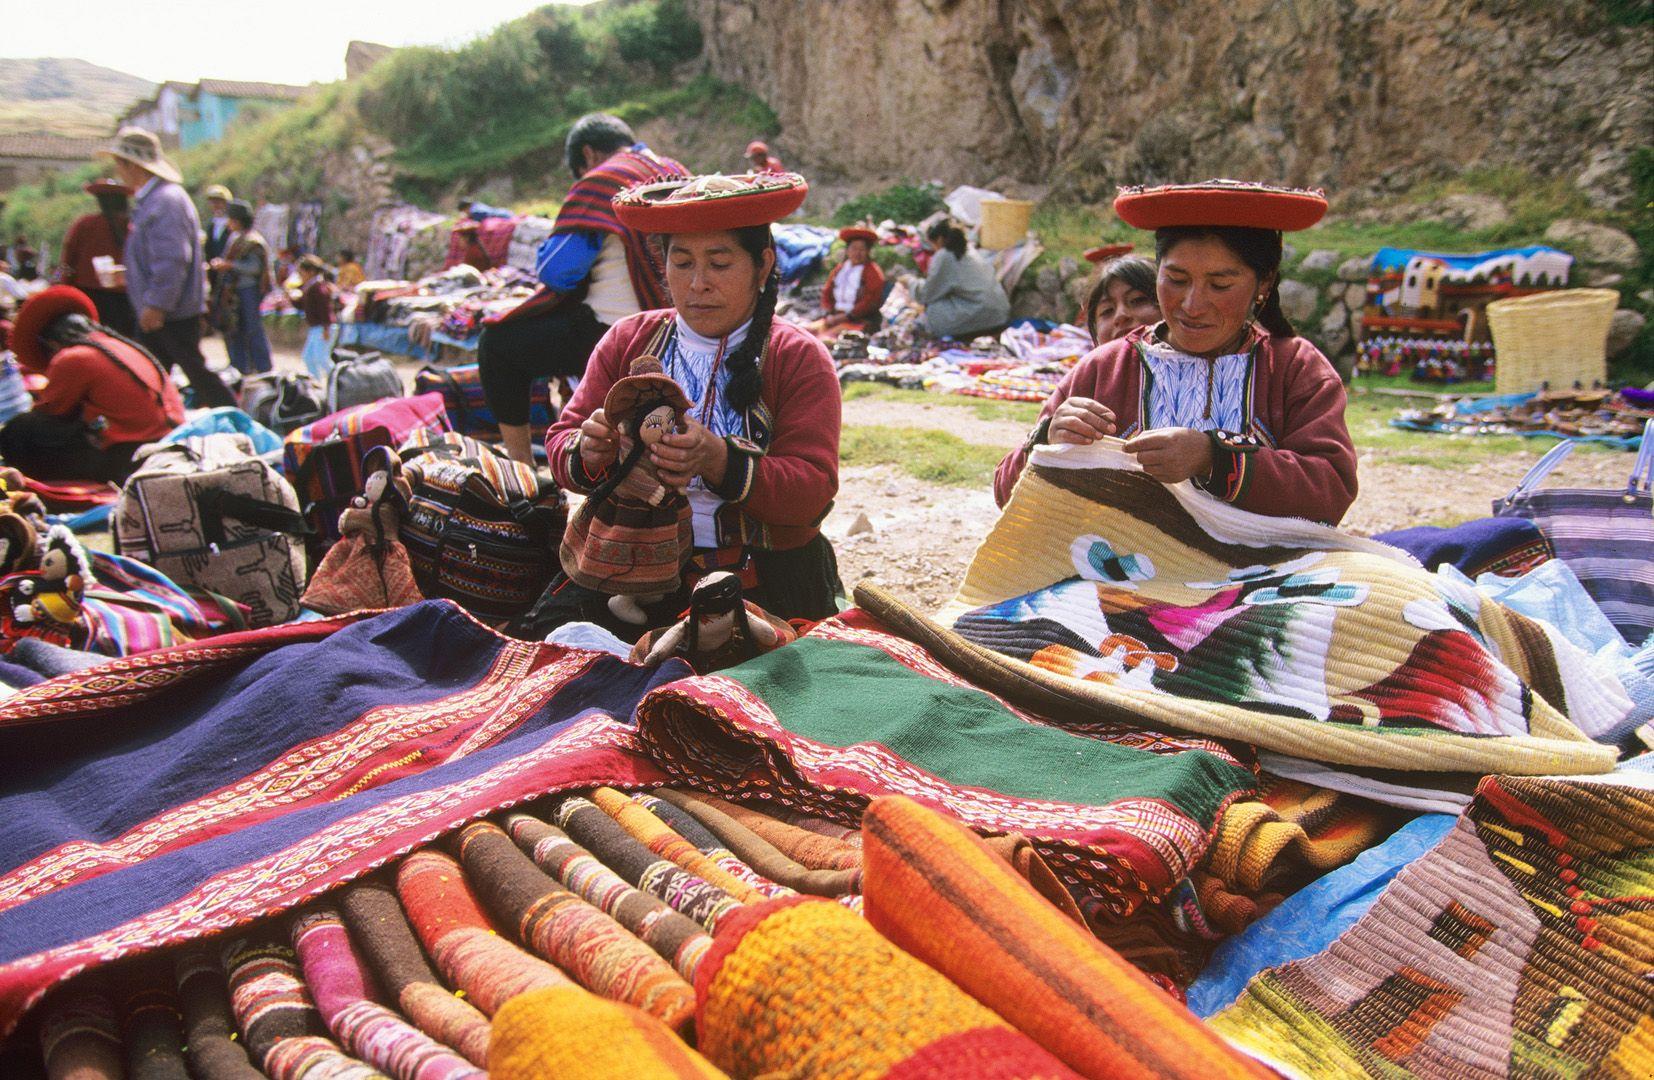 Traditionelle Handwerkerinnen in Peru. (Foto: Luis Gamero / PromPerú )